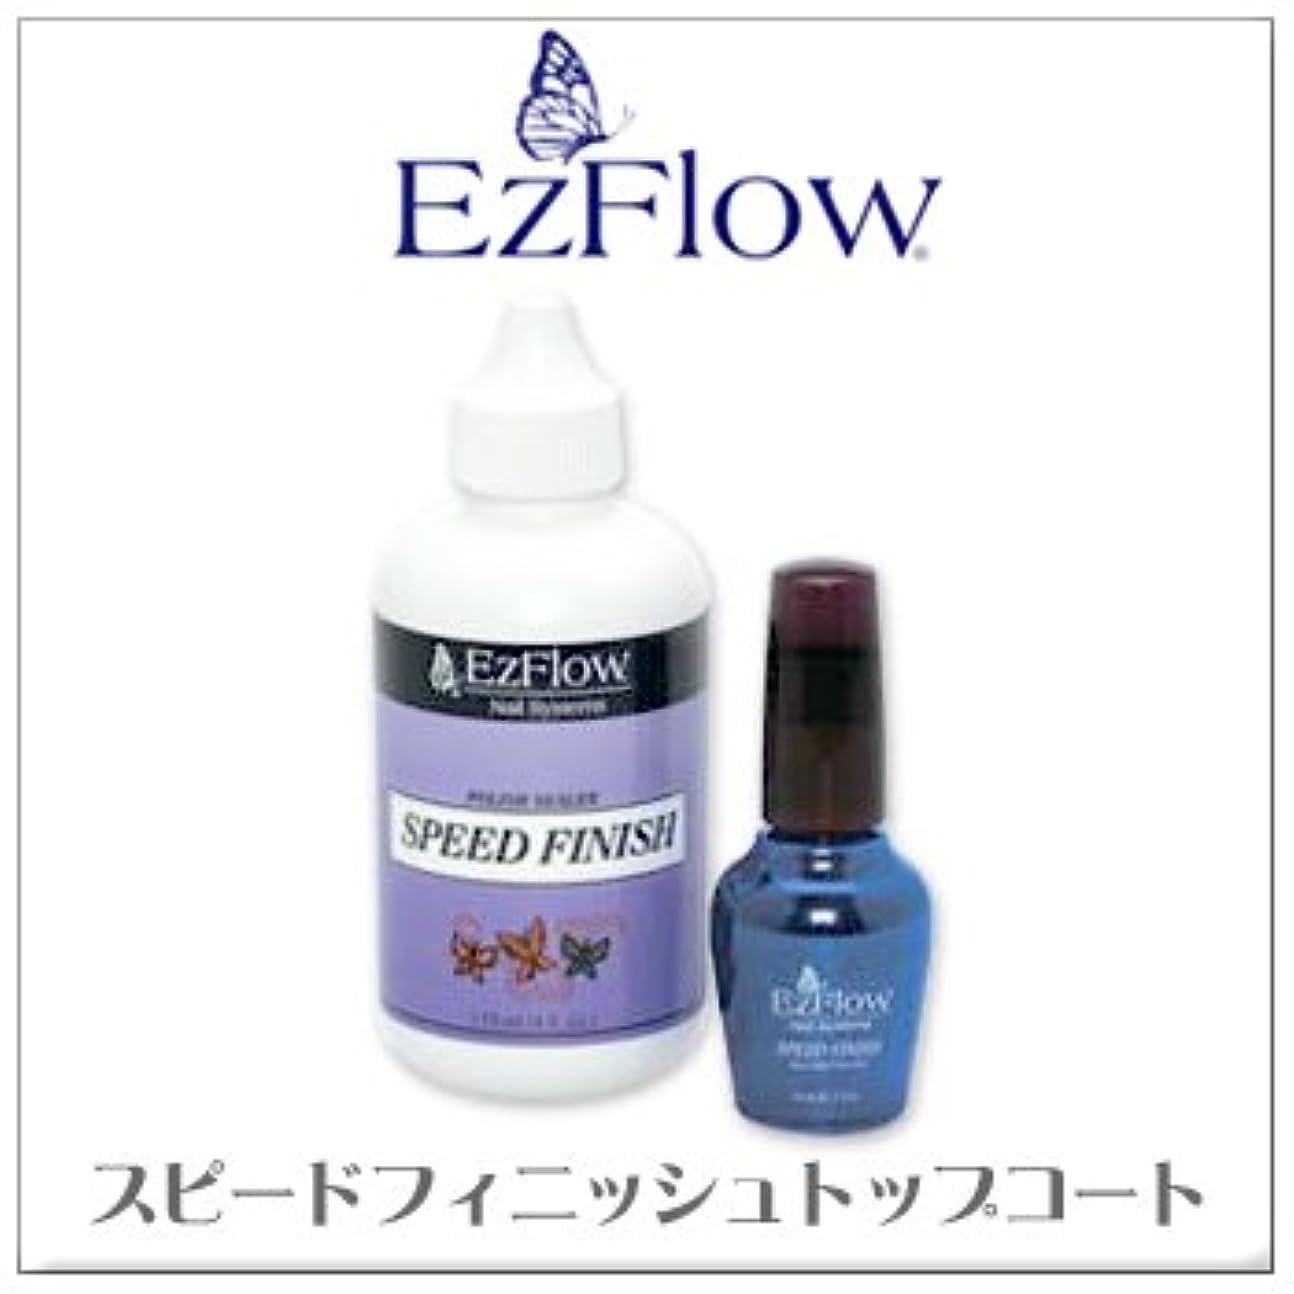 無駄コミュニティコマンドEz-Flow (イージーフロー) スピードフィニッシュトップコート (1/2oz)